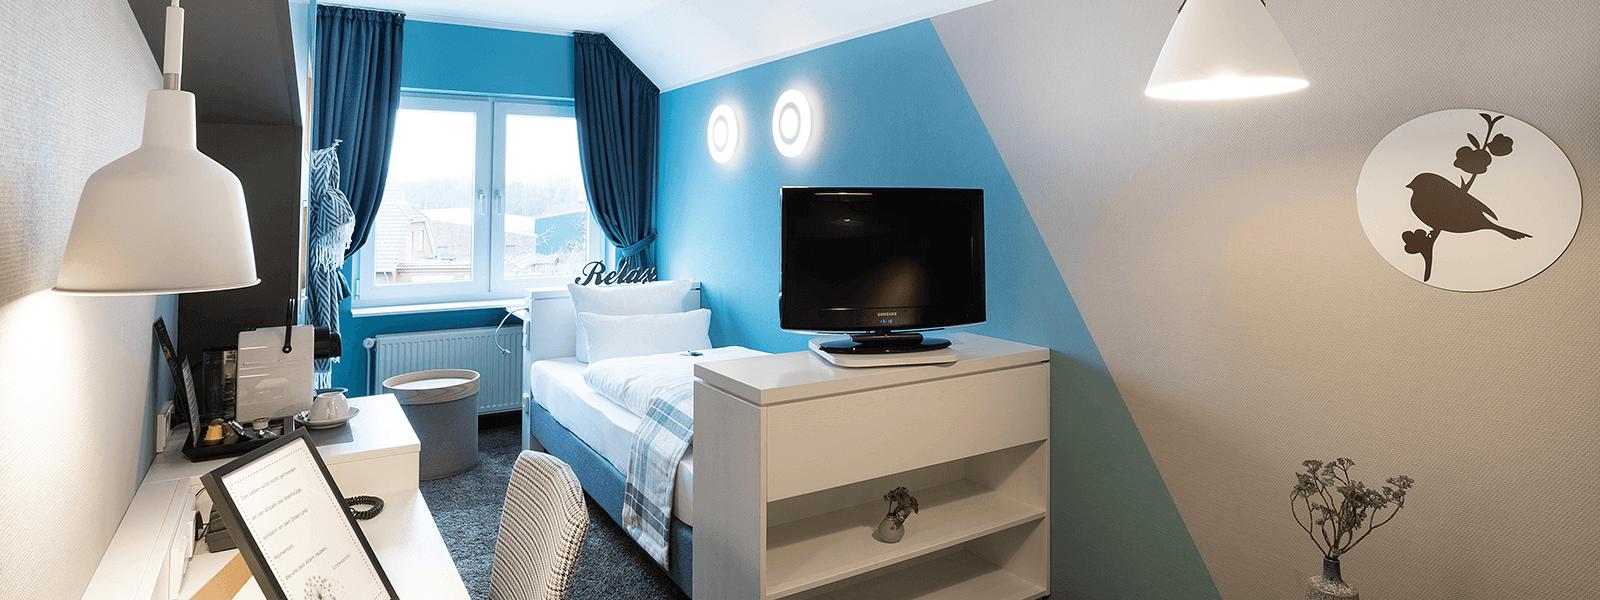 Einzelzimmer Hotel Regina Maris, Hotel Regina Maris, Norden-Norddeich, Nordsee, Ostfriesland, Urlaub zu Zweit, Nordseeurlaub, Urlaub am Meer,